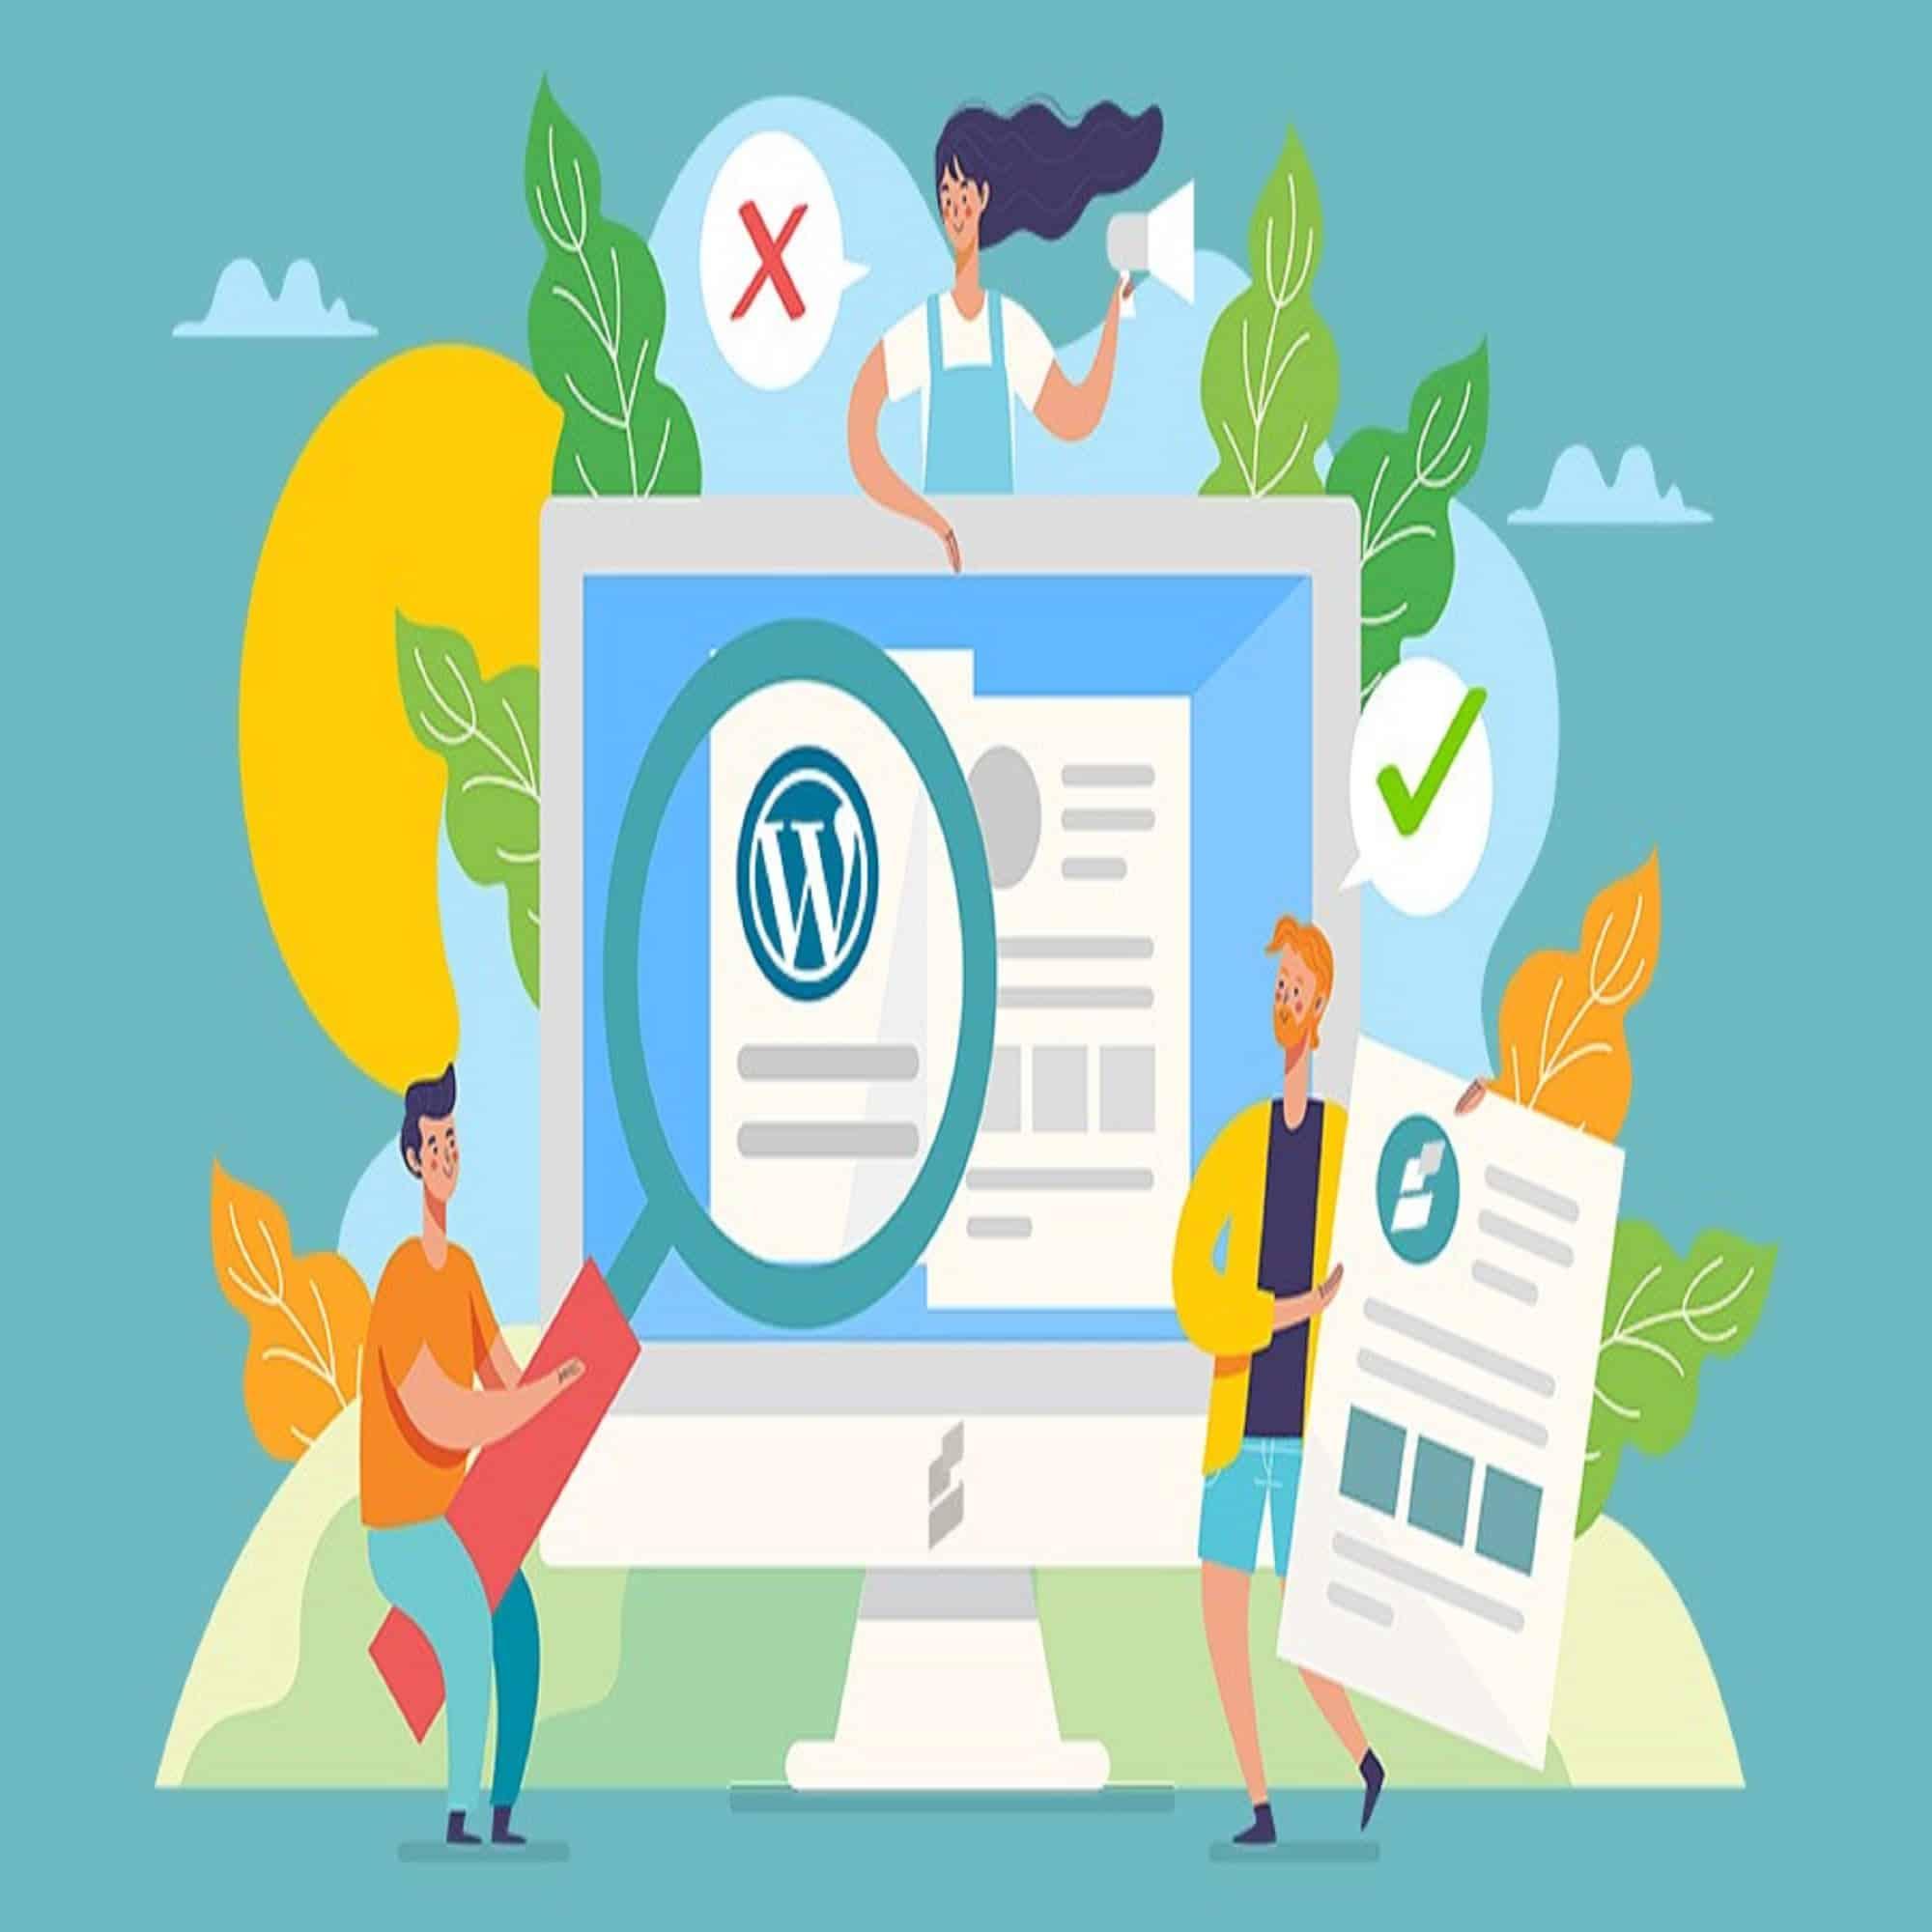 طراحی وب سایت خوب در مقابل طراحی وب سایت بد